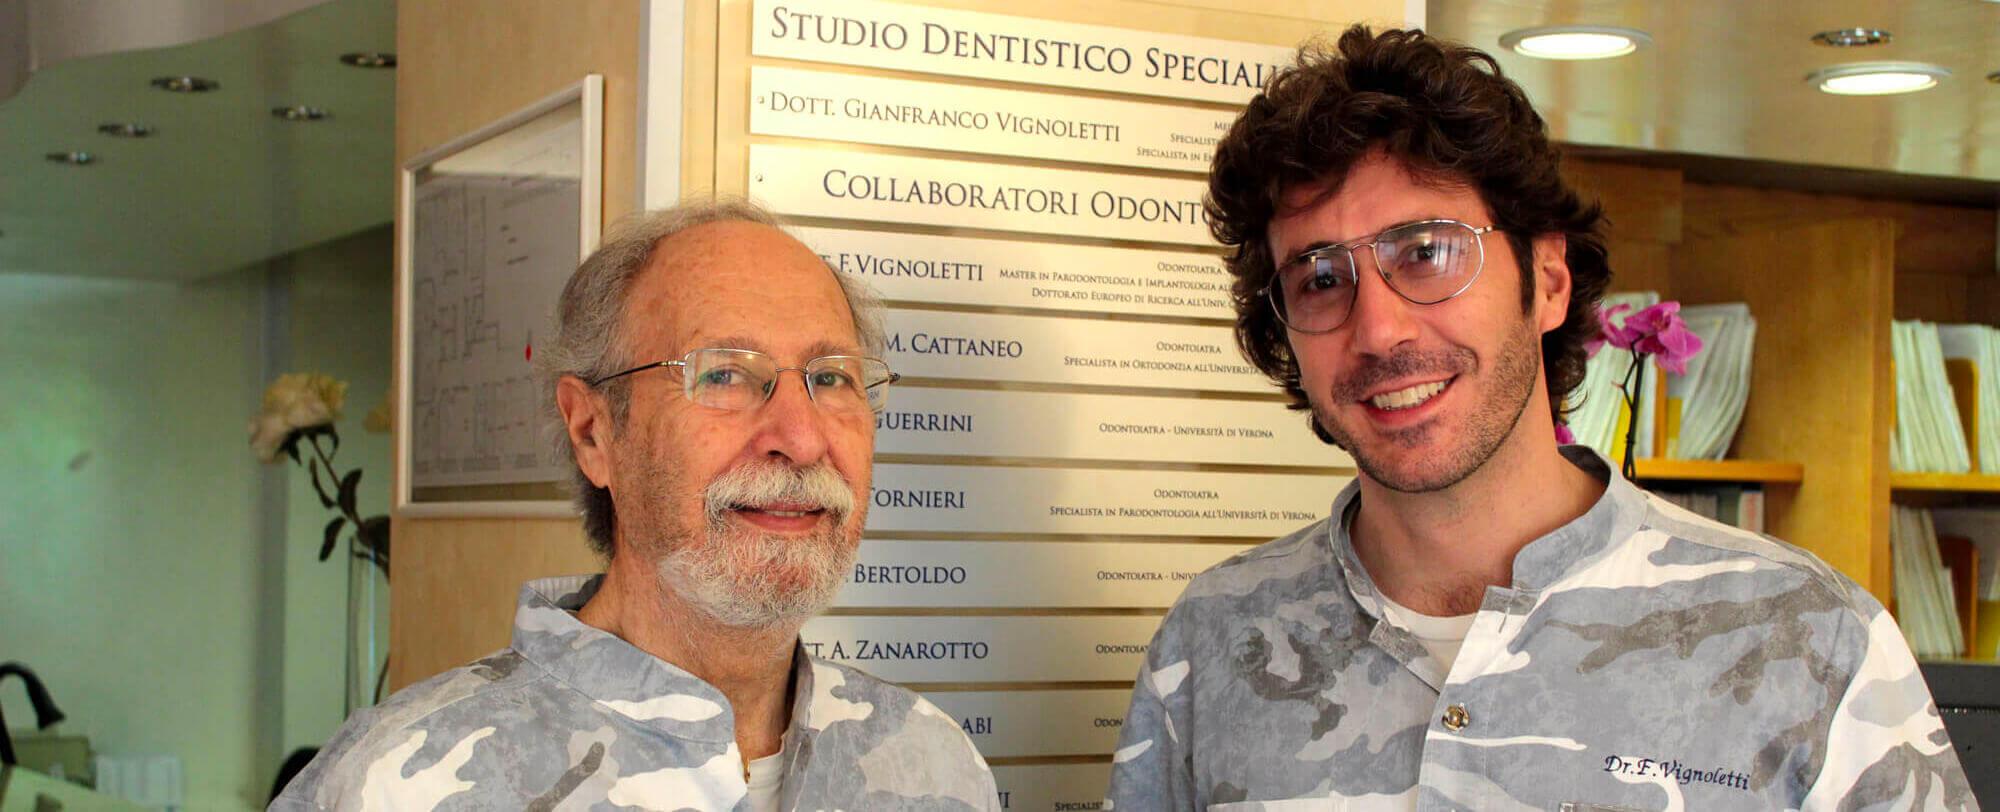 gianfranco-fabio-vignoletti-studio-dentistico (1)